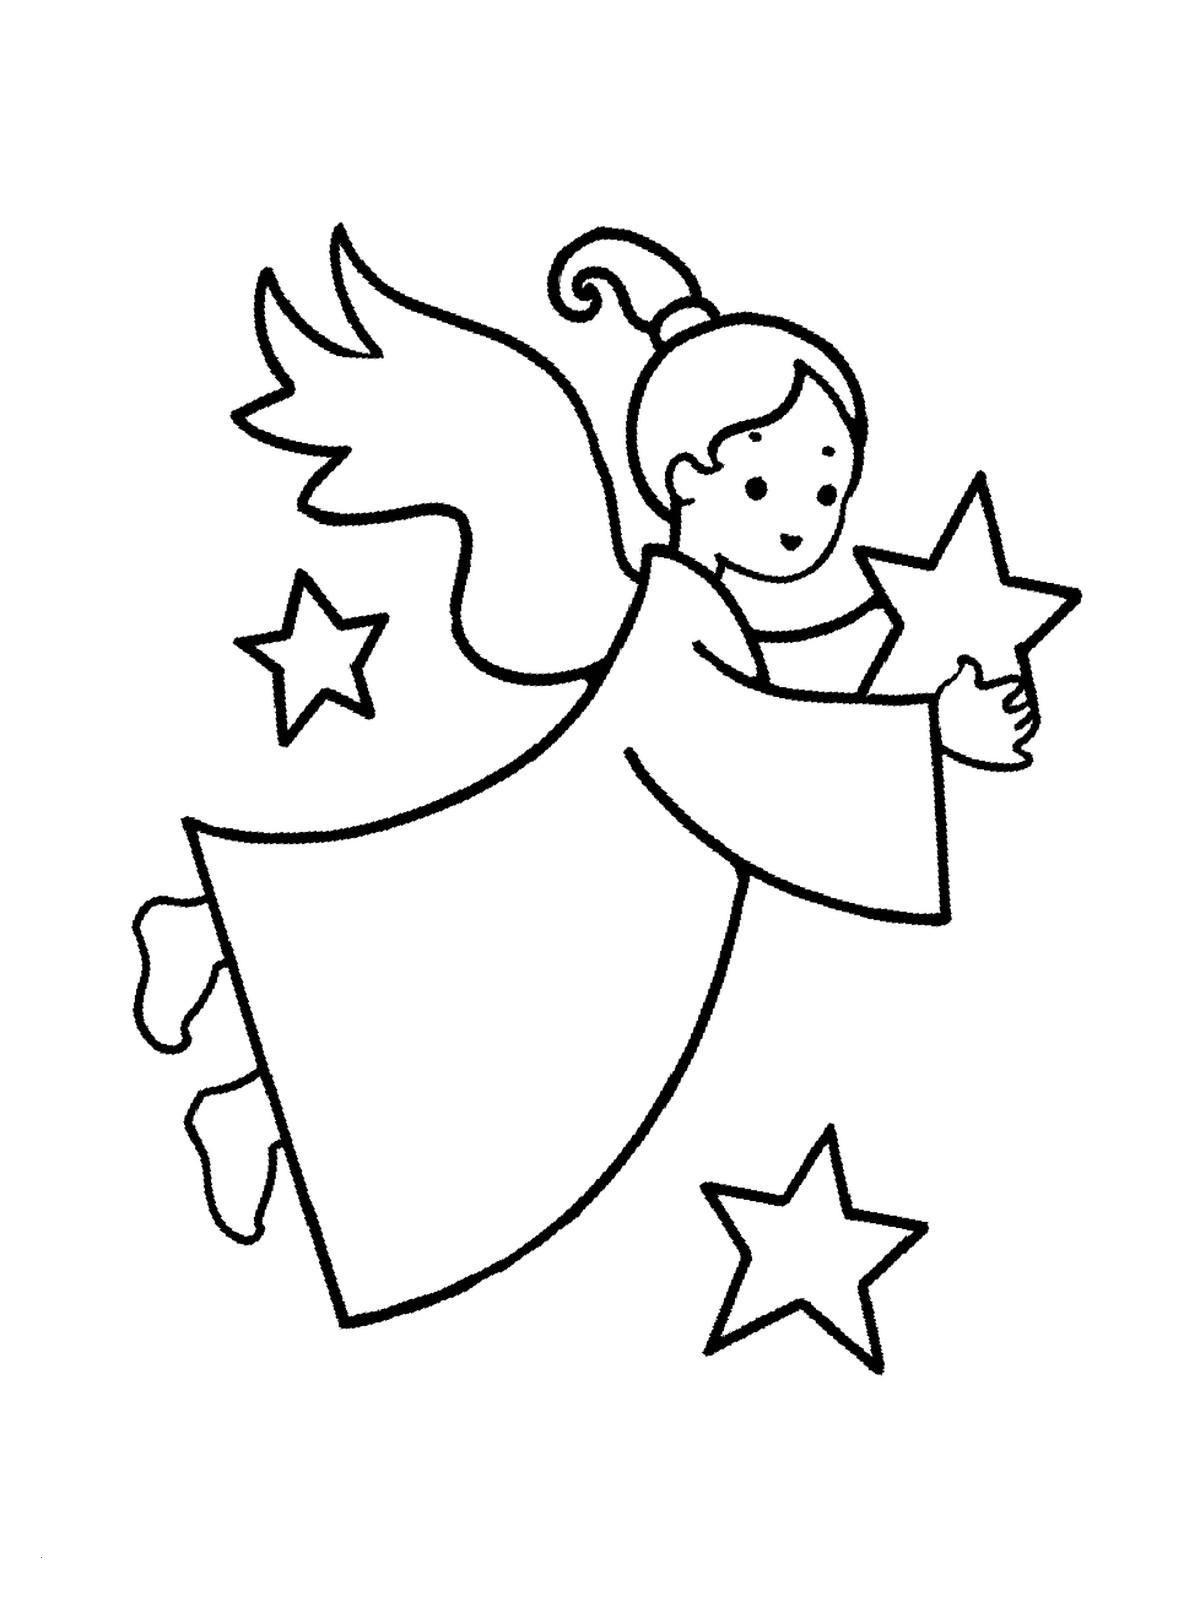 Ausmalbilder Weihnachten Einfach Das Beste Von Ausmalbilder Weihnachten Engel Engel Zeichnen Für Kinder Sammlung